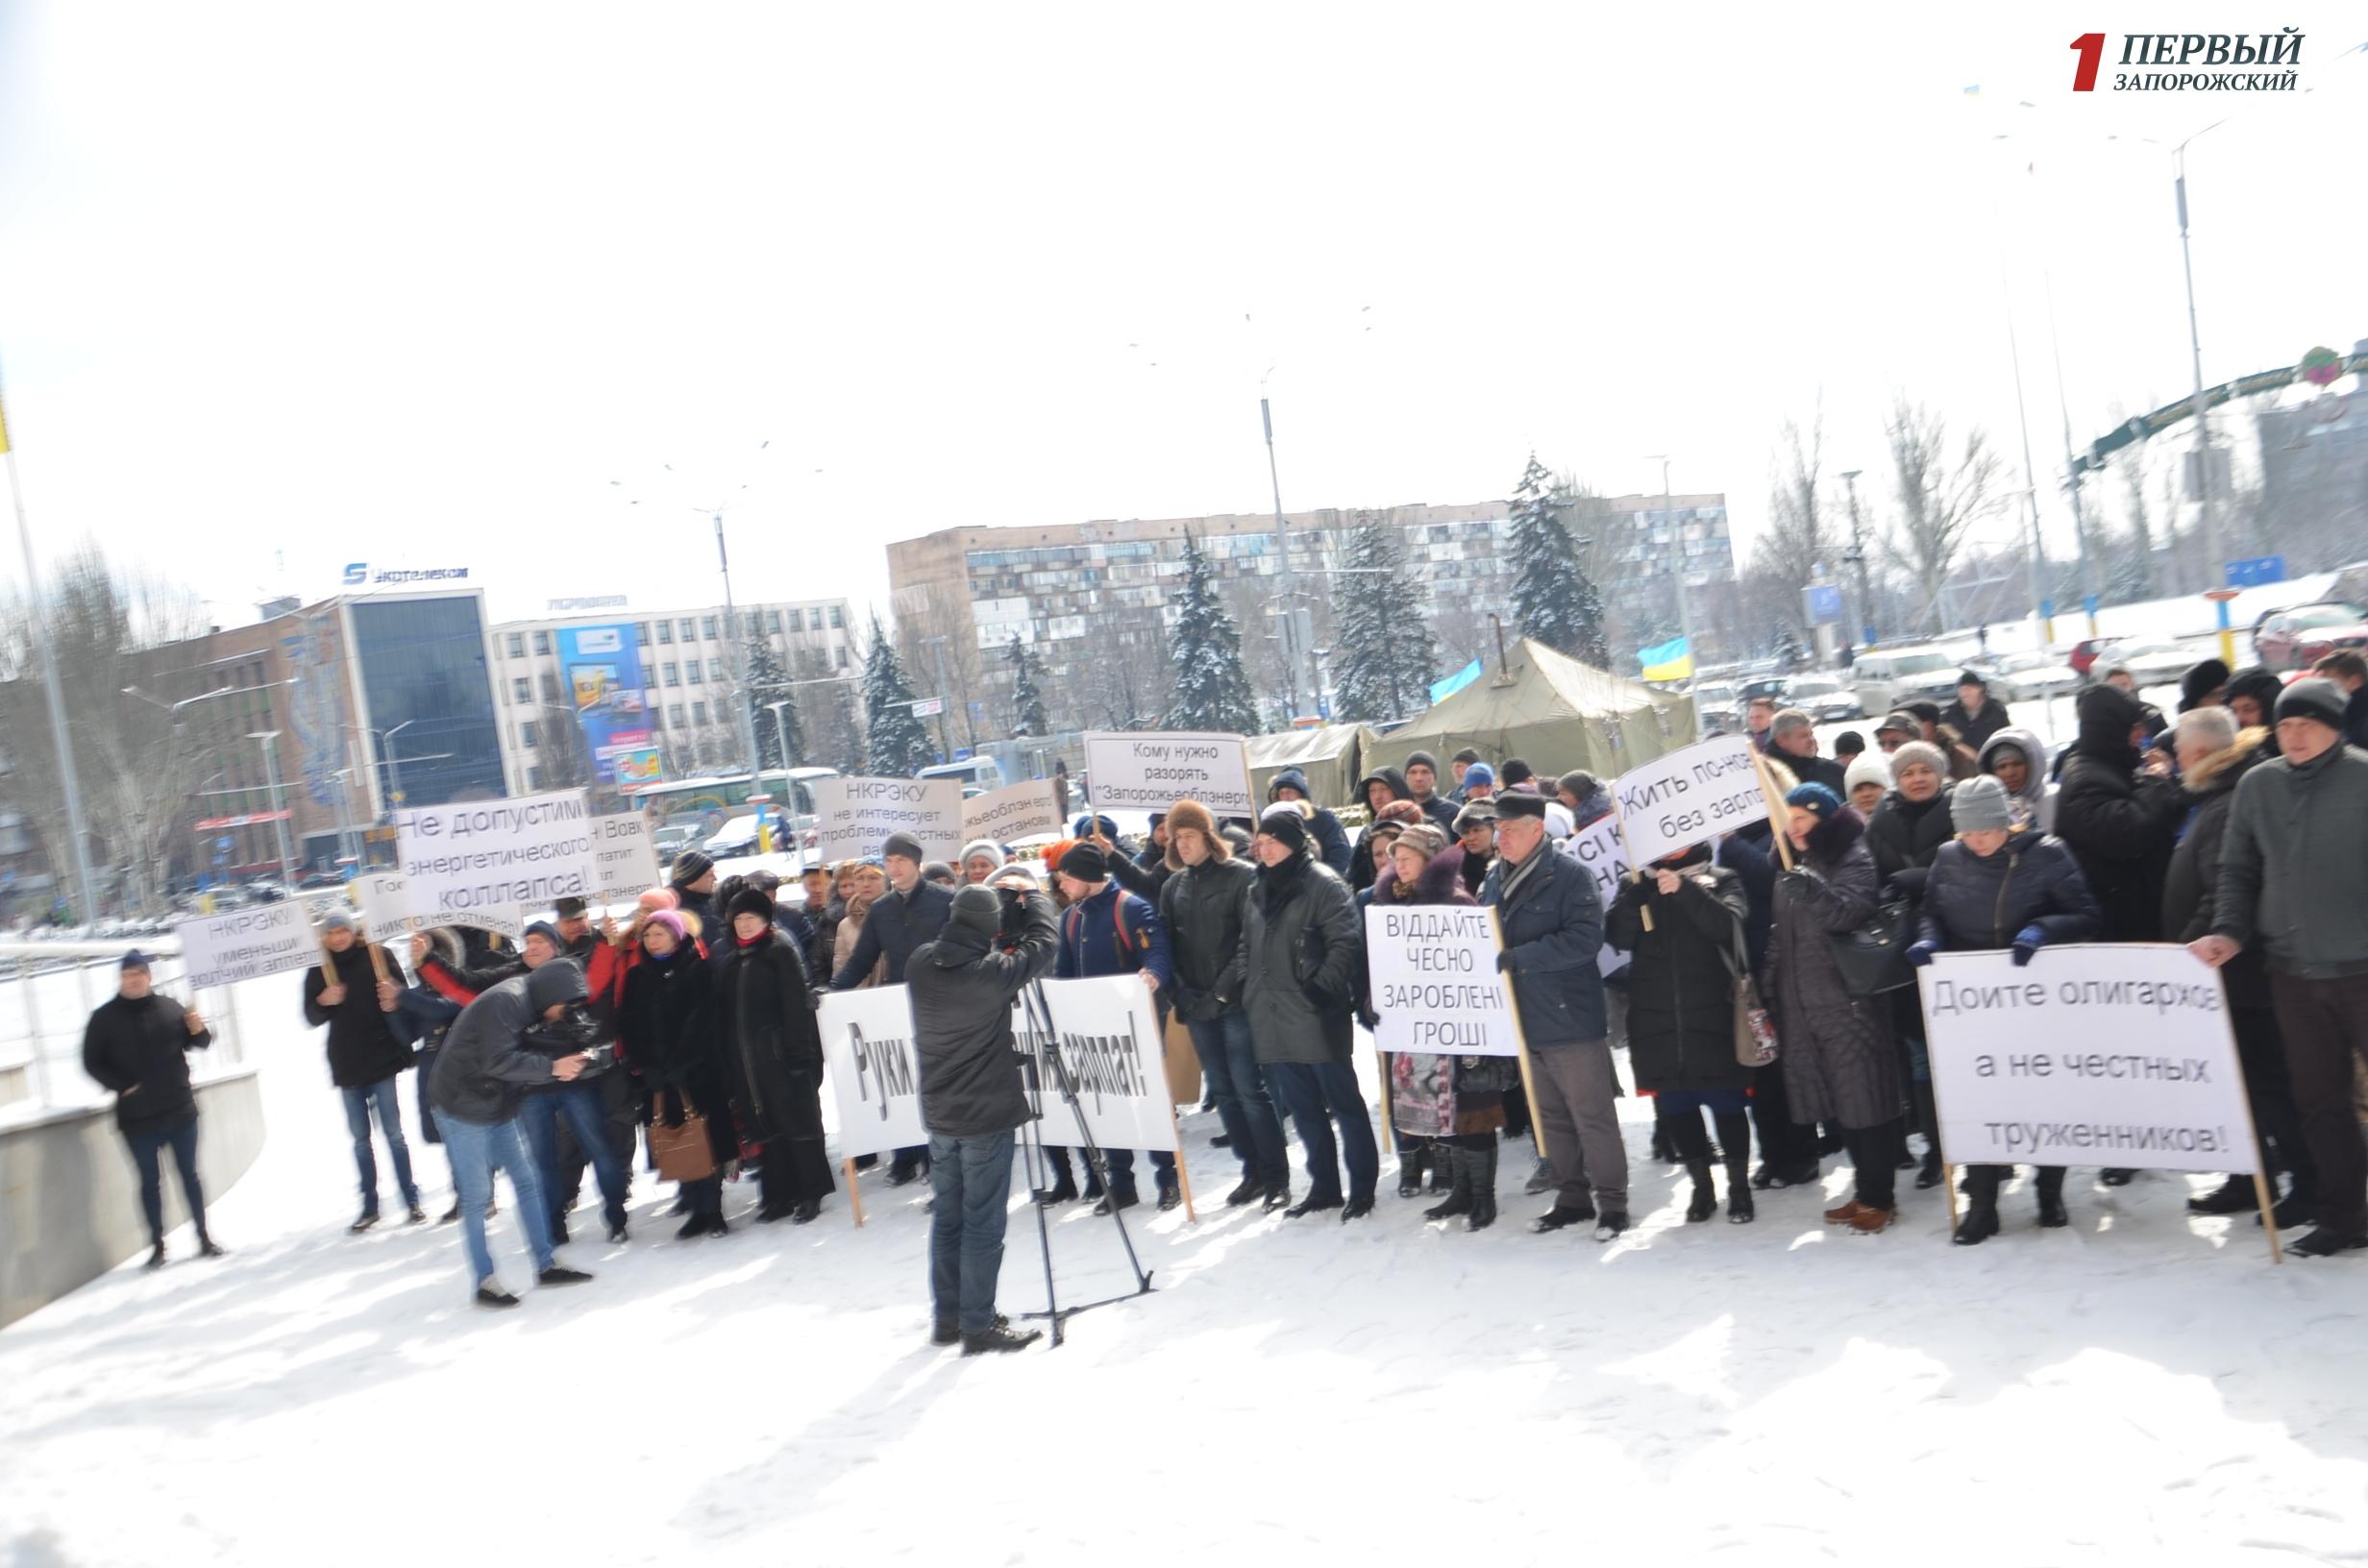 В Запорожье энергетики и бизнесмены вышли на совместный митинг под стенами облсовета - ФОТО, ВИДЕО